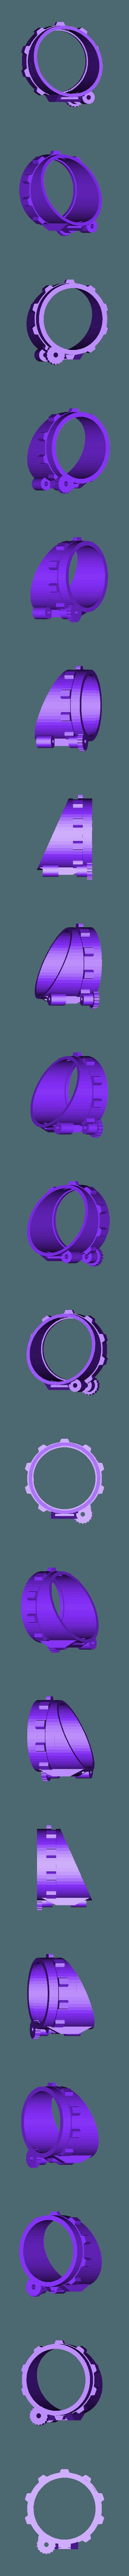 Steampunk_Glass_R.stl Télécharger fichier STL gratuit Jaa's Steampunk Glasses v 1.0 • Design pour imprimante 3D, Jaa